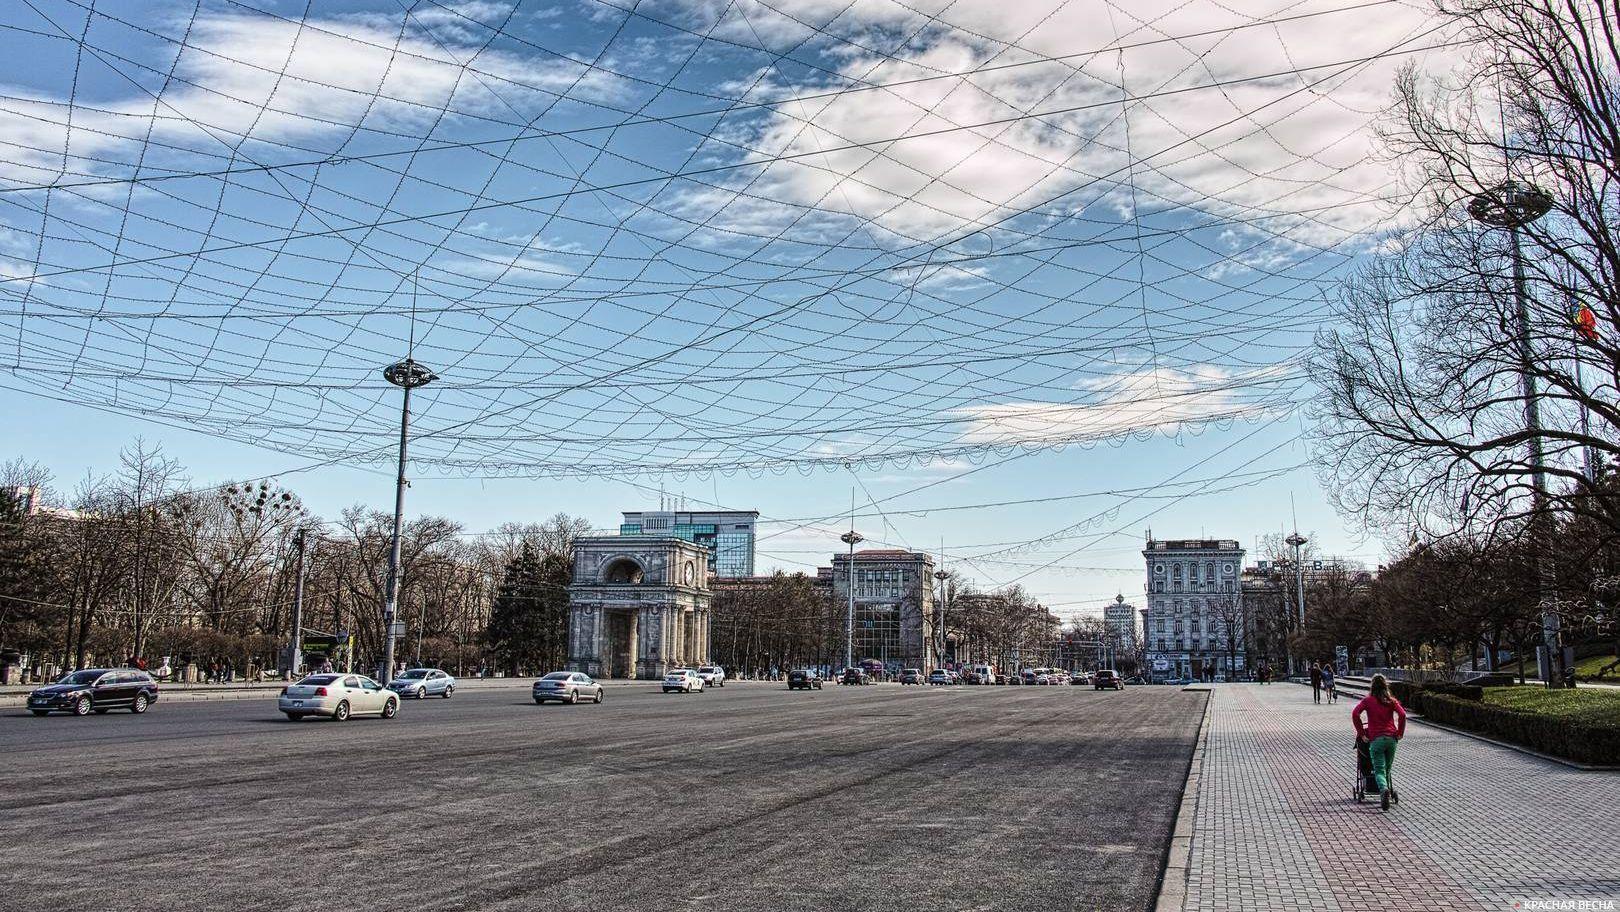 Кишинев. Площадь Великого Национального Собрания